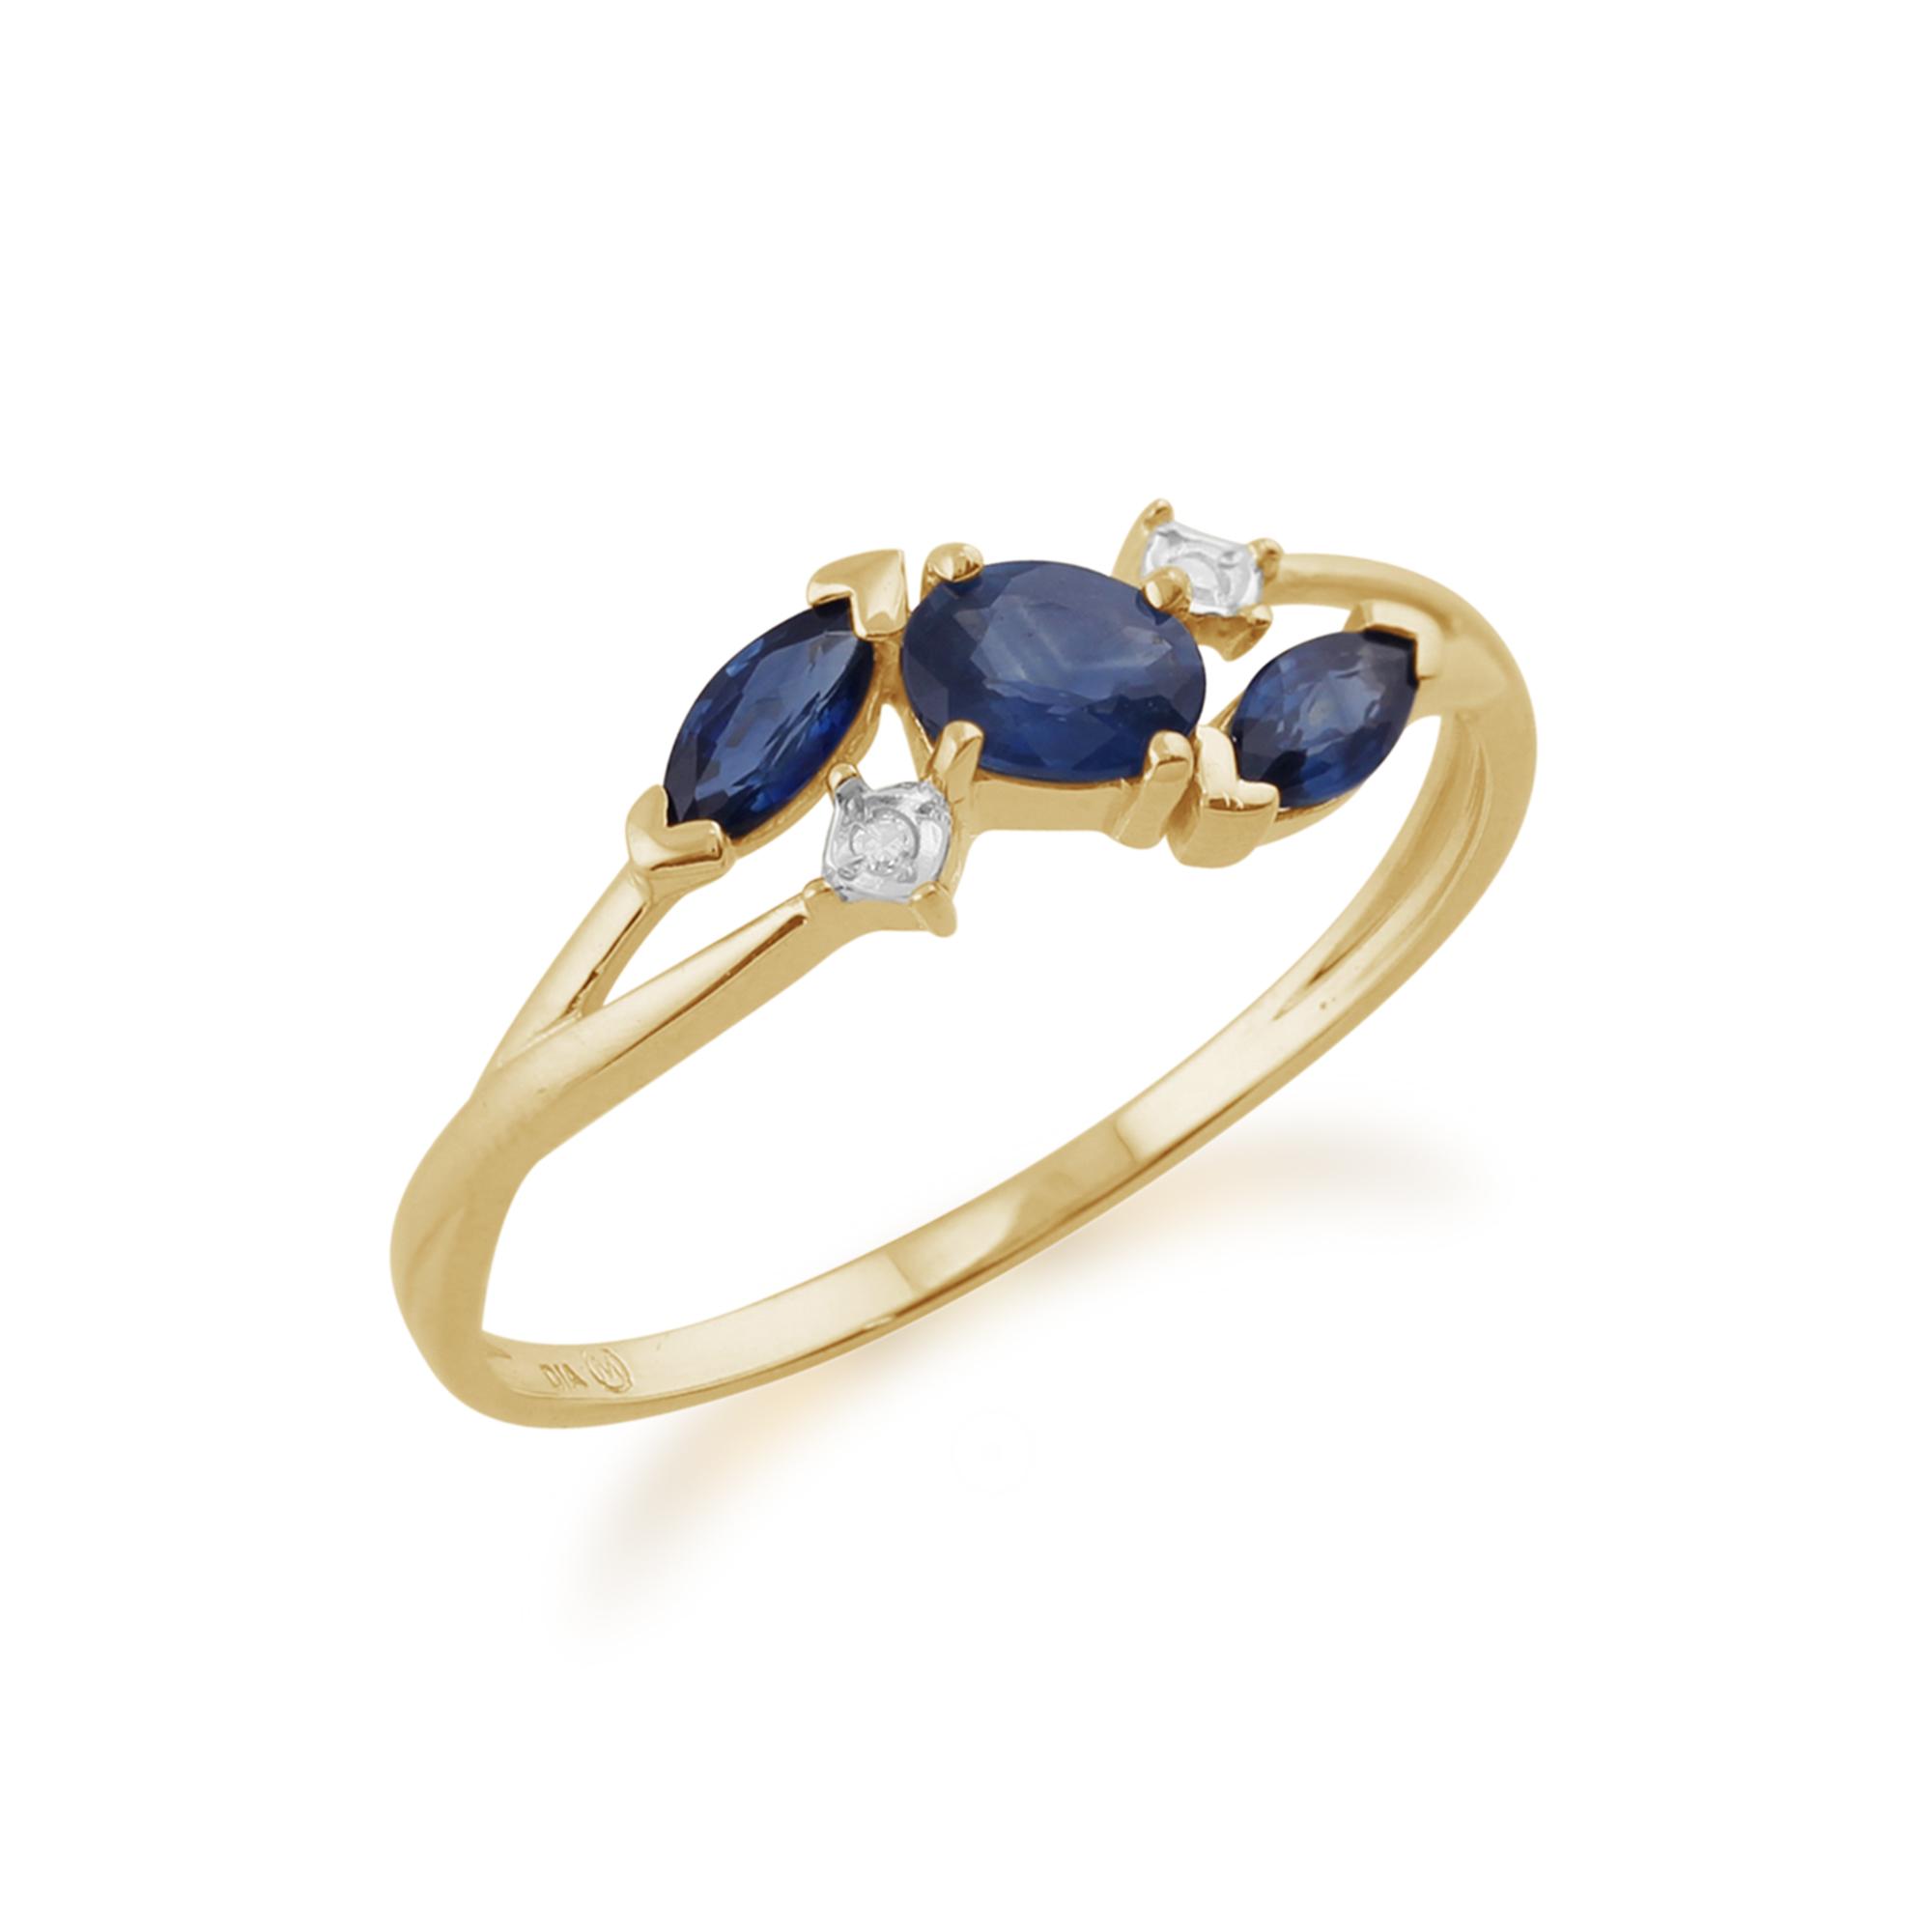 9ct oro Giallo 0.70ct di Kanchanaburi Zaffiro & Anello Anello Anello di diamanti classico dimensioni 36c138